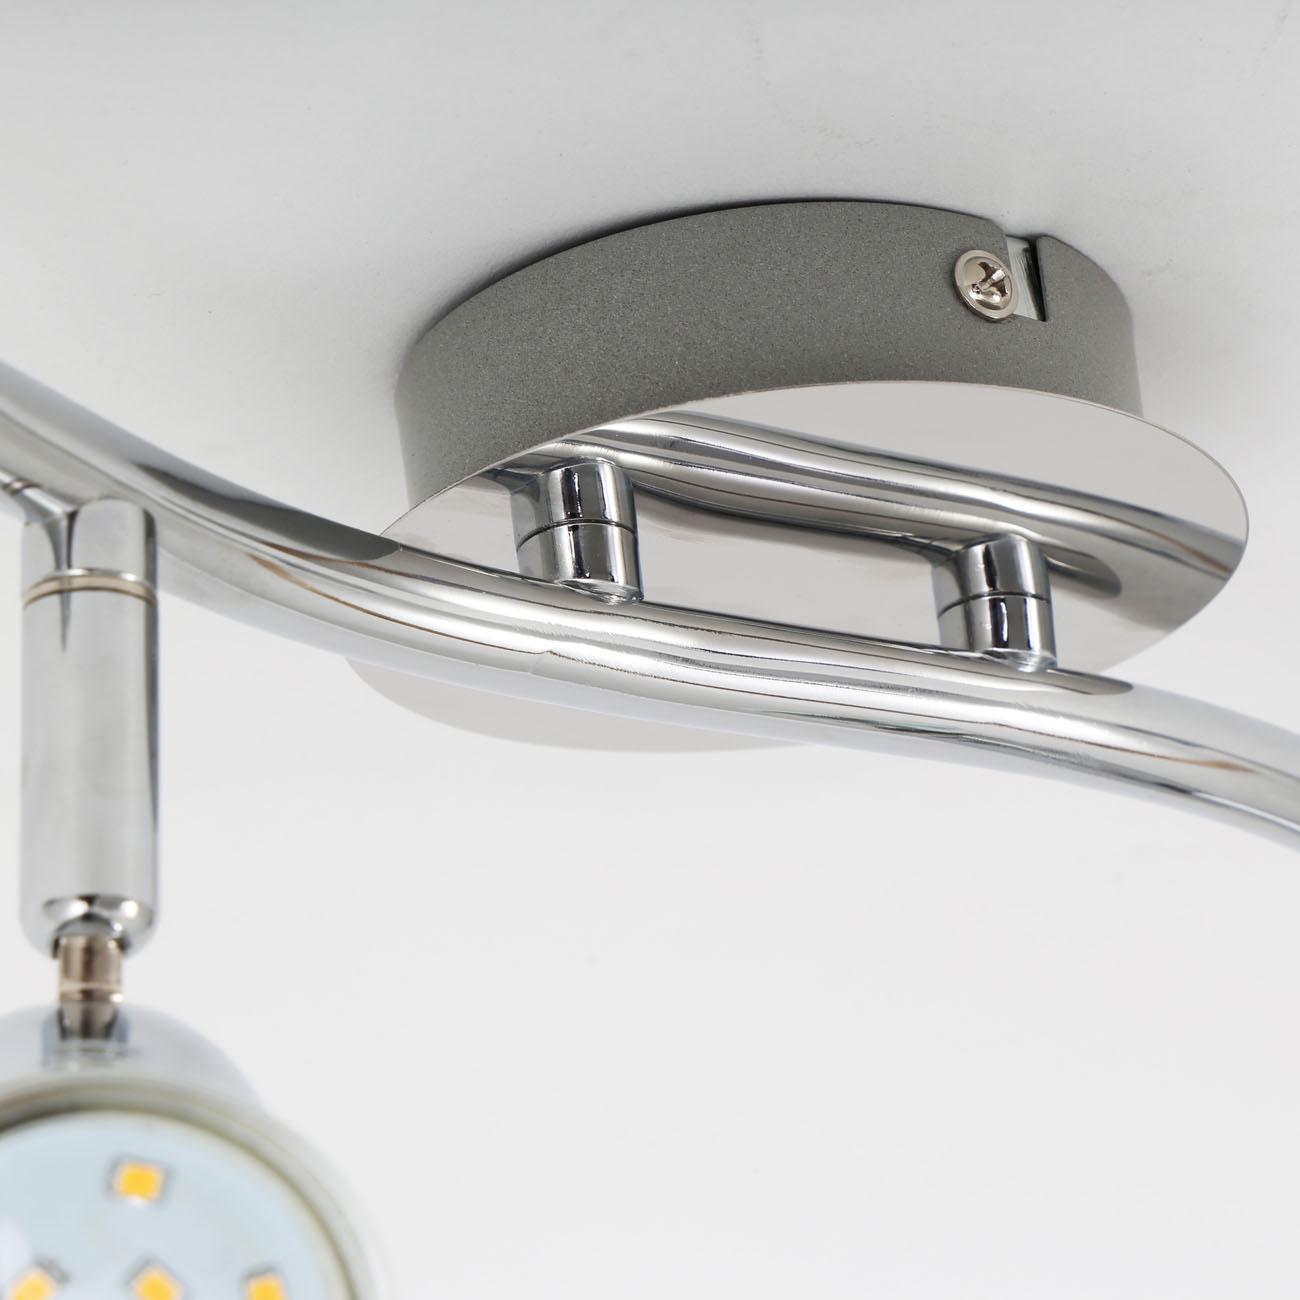 LED Deckenleuchte Spotleuchte GU10 - 6